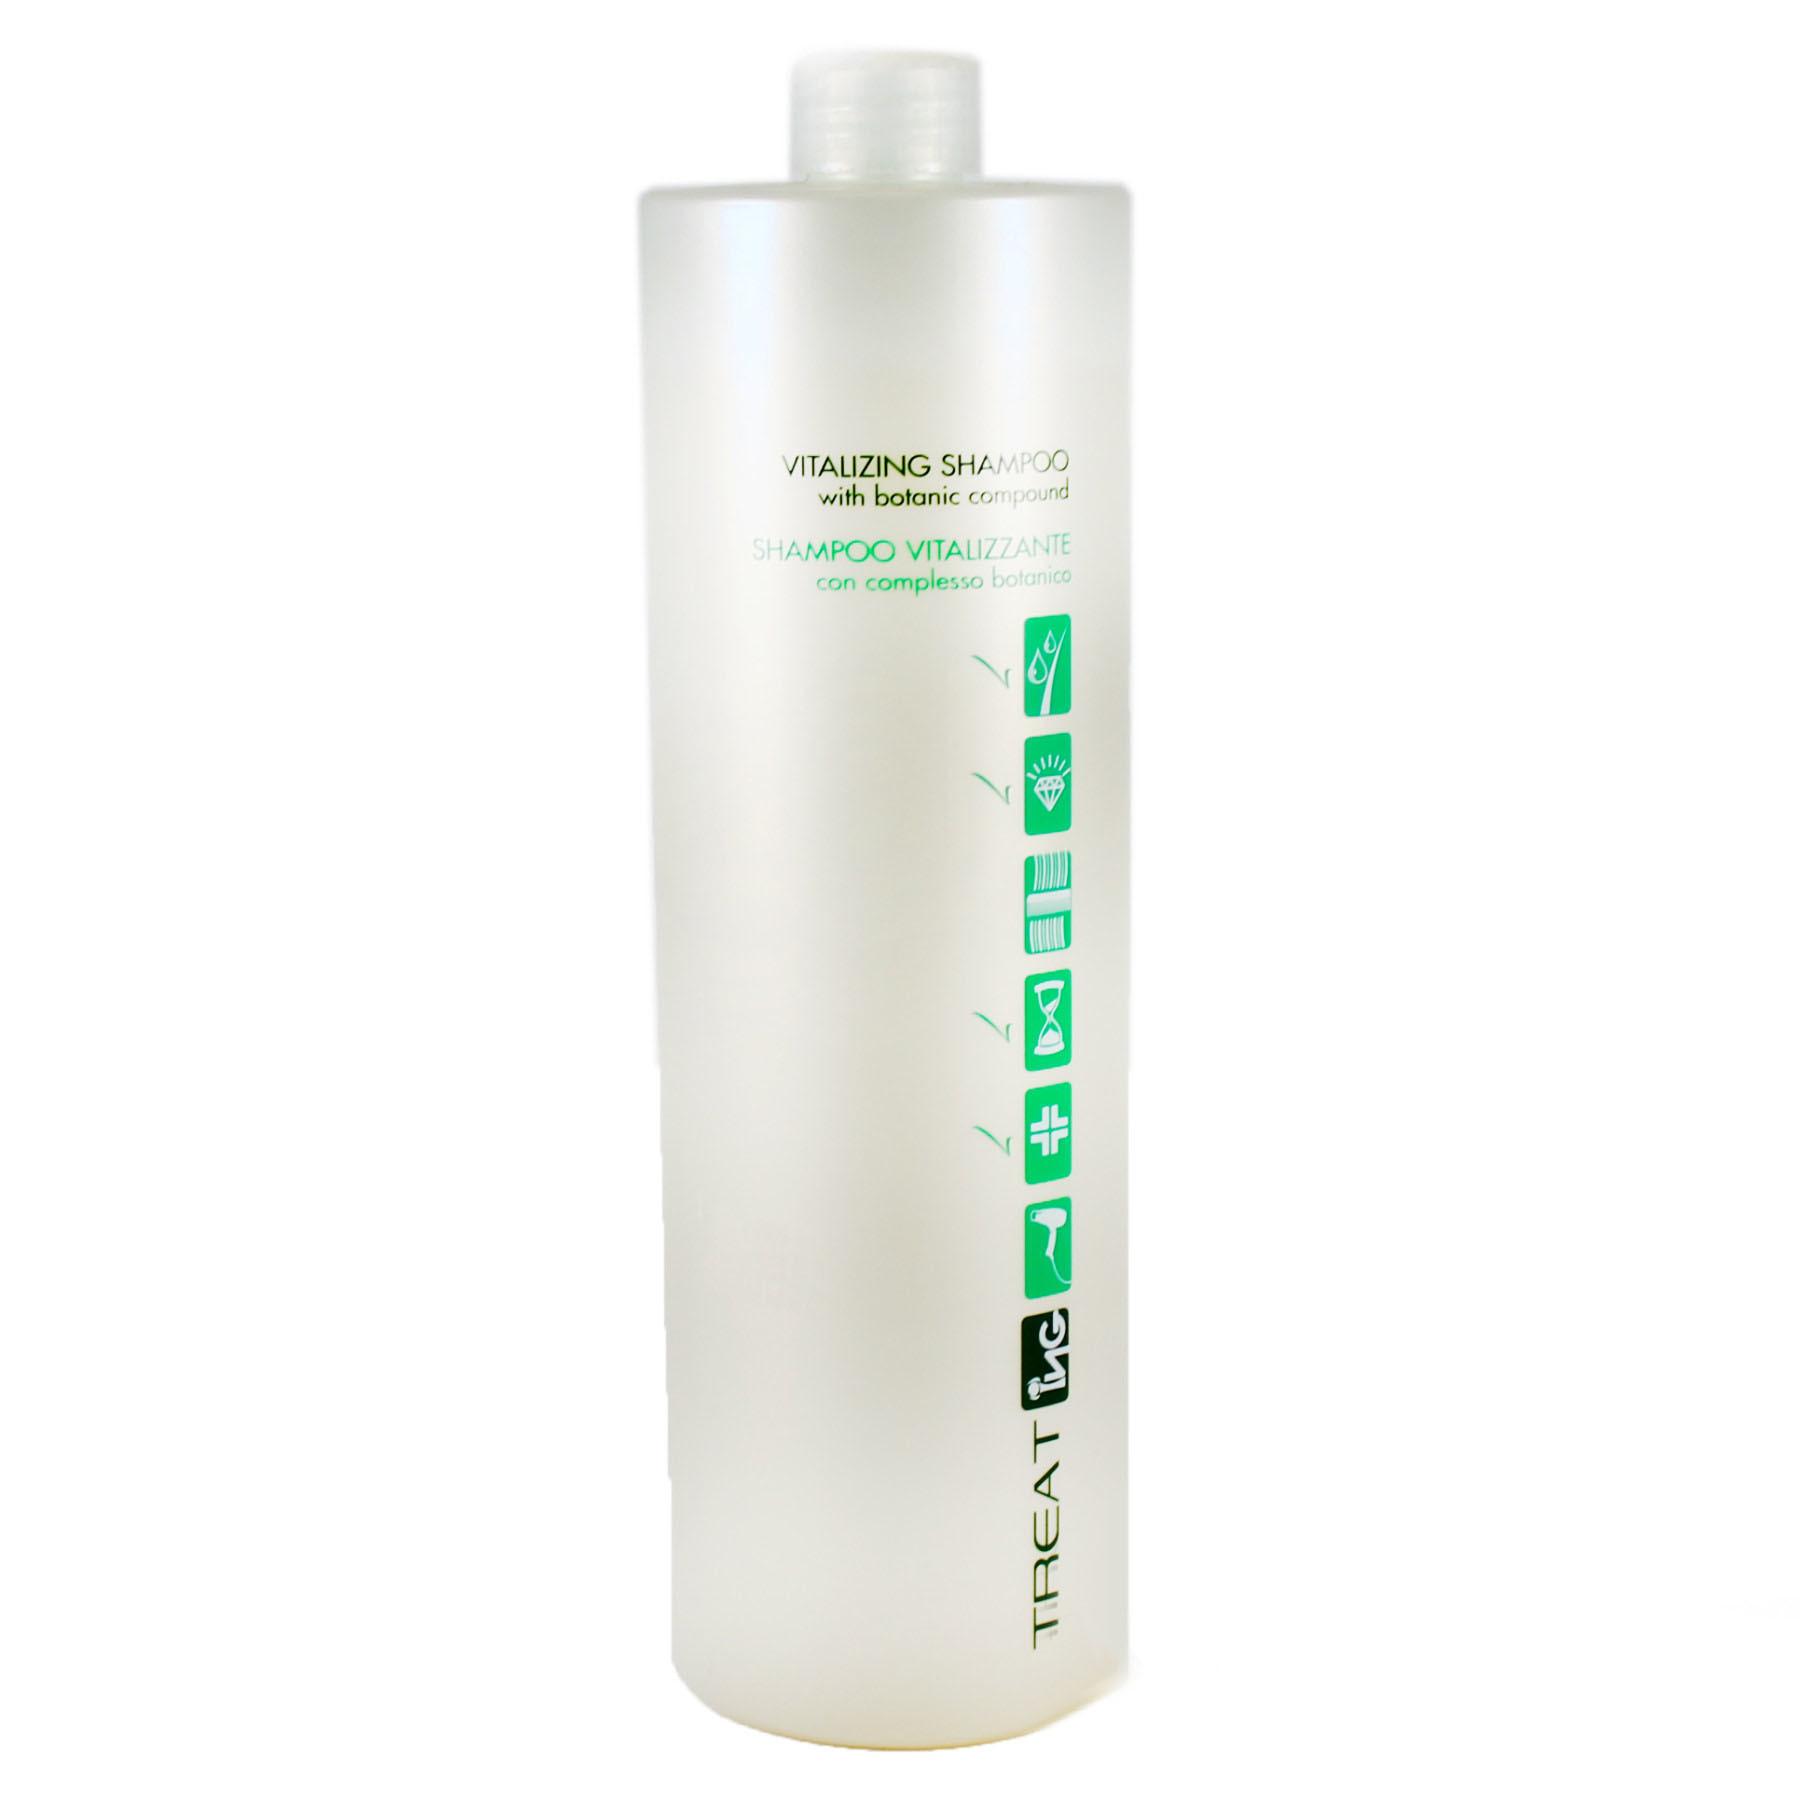 Шампунь Ing для укрепления волос 1000 мл